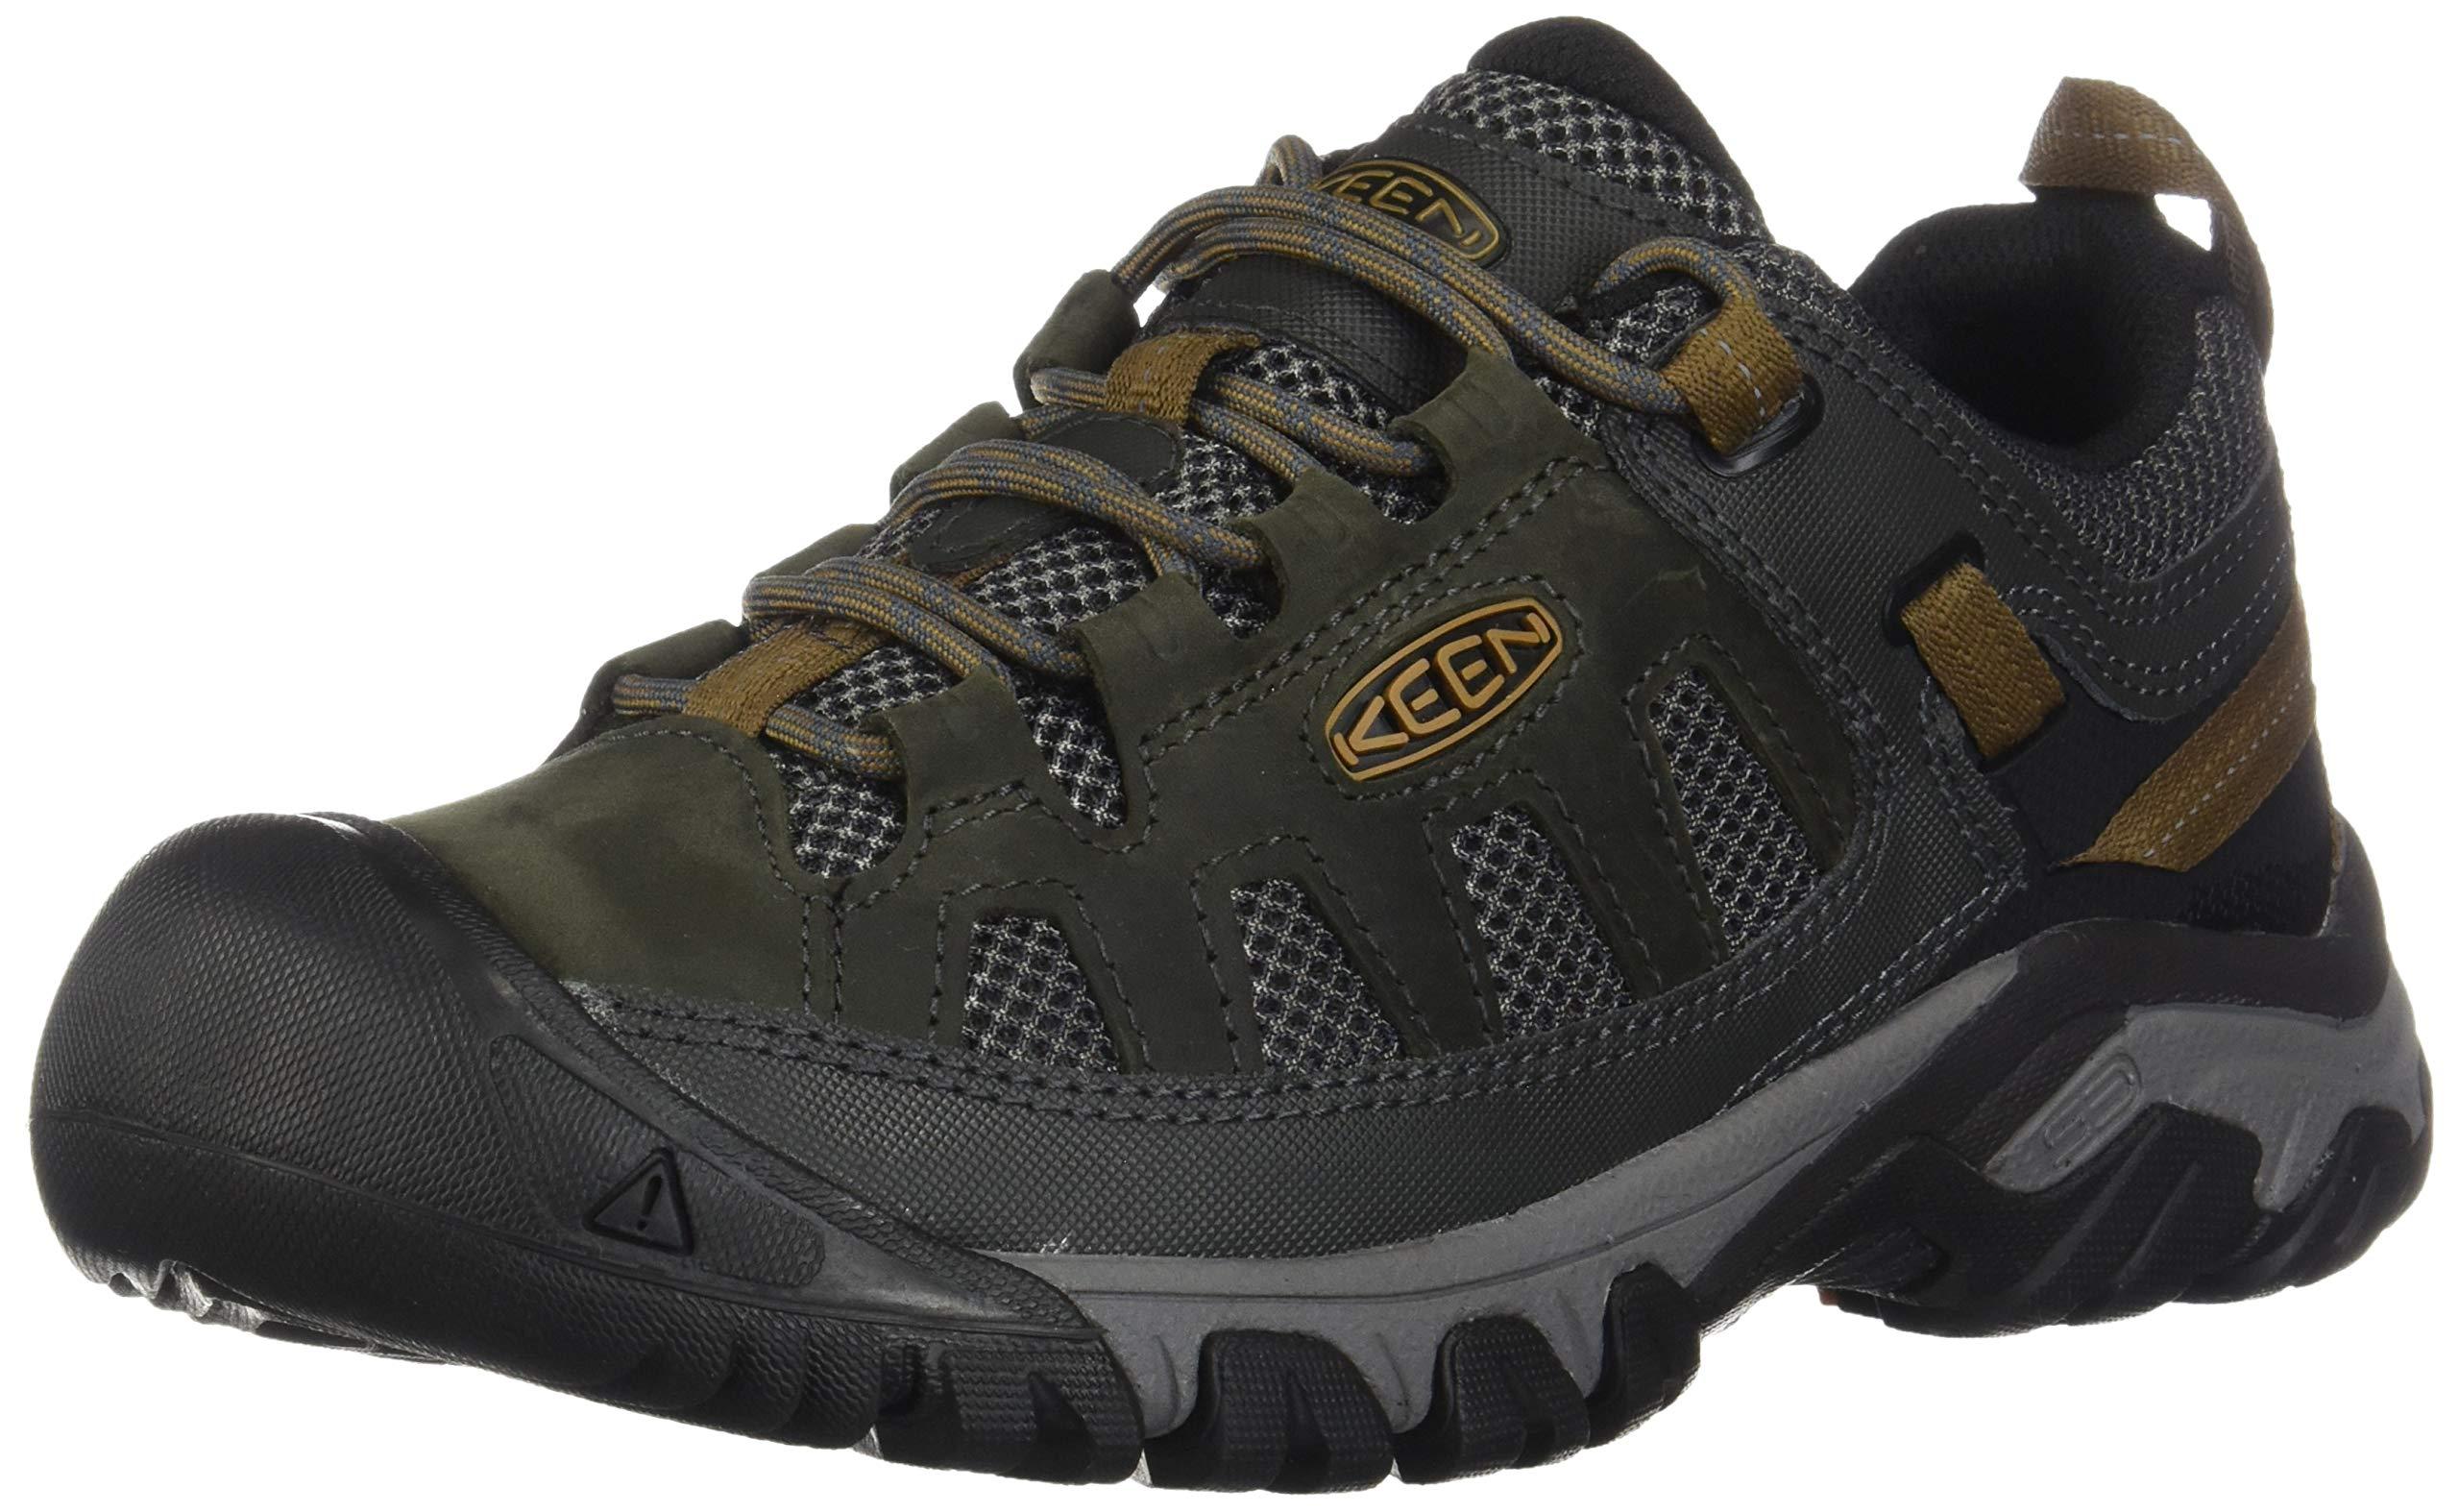 KEEN Men's Targhee Vent Hiking Shoe, Raven/Bronze Brown, 13 M US